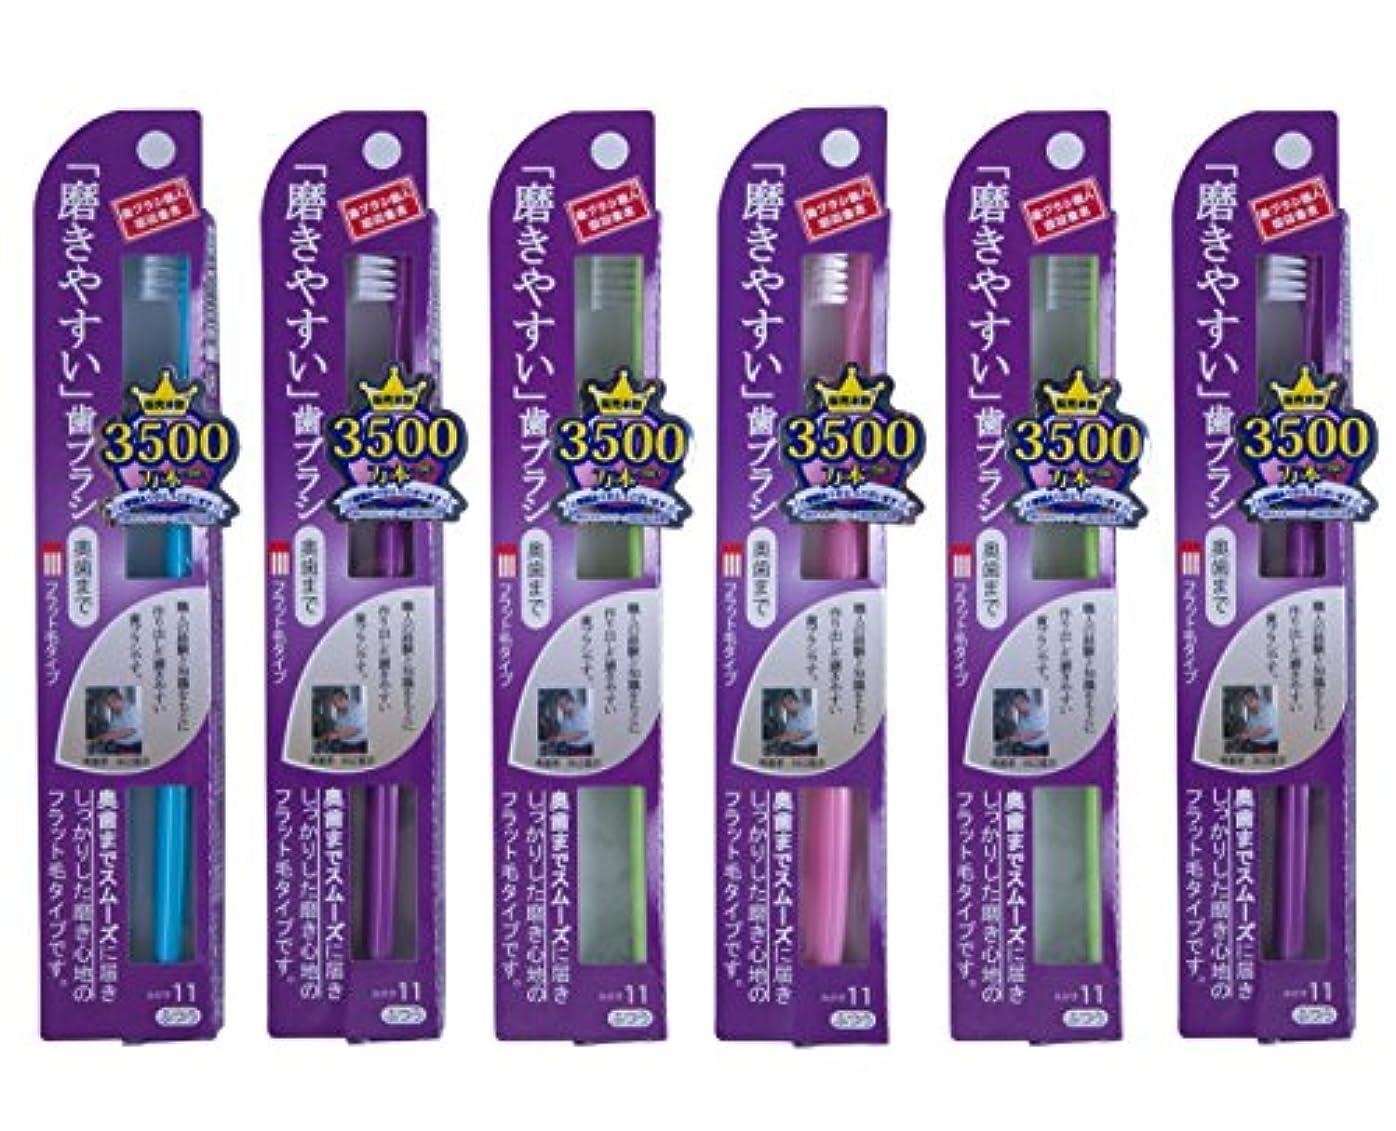 復活思いやりのある名前歯ブラシ職人田辺重吉 磨きやすい歯ブラシ LT-11 (6本パック)